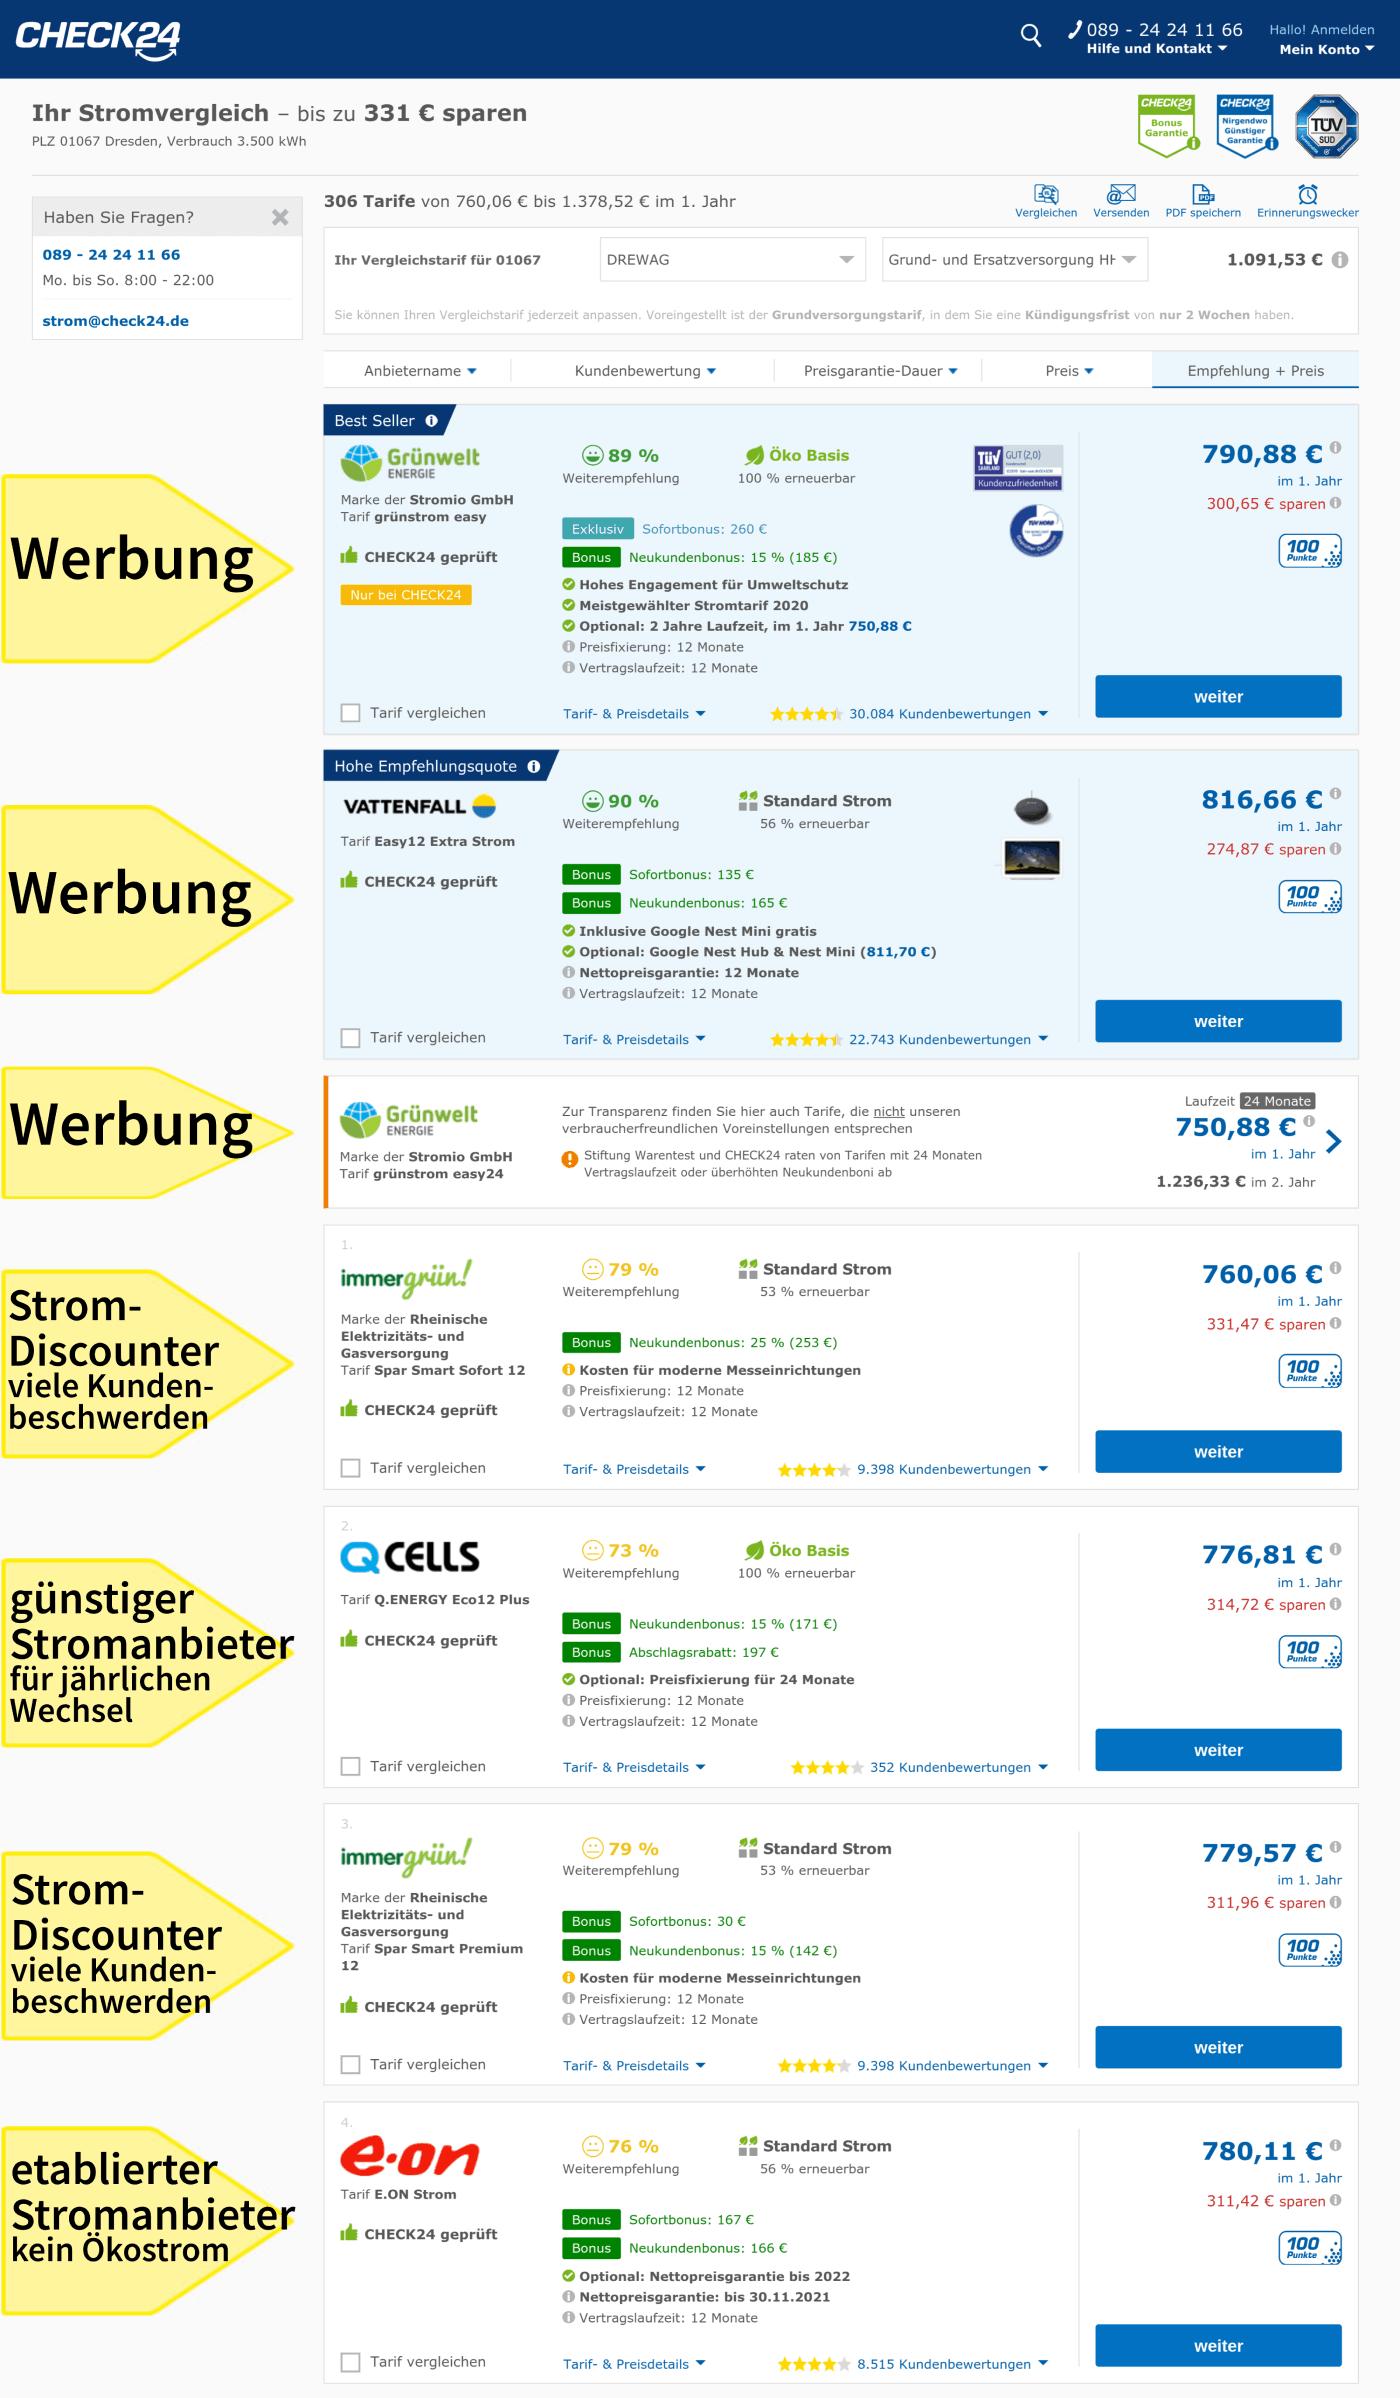 Stromanbieter jährlich wechseln in Dresden, Ergebnisse im Vergleichsportal Check24